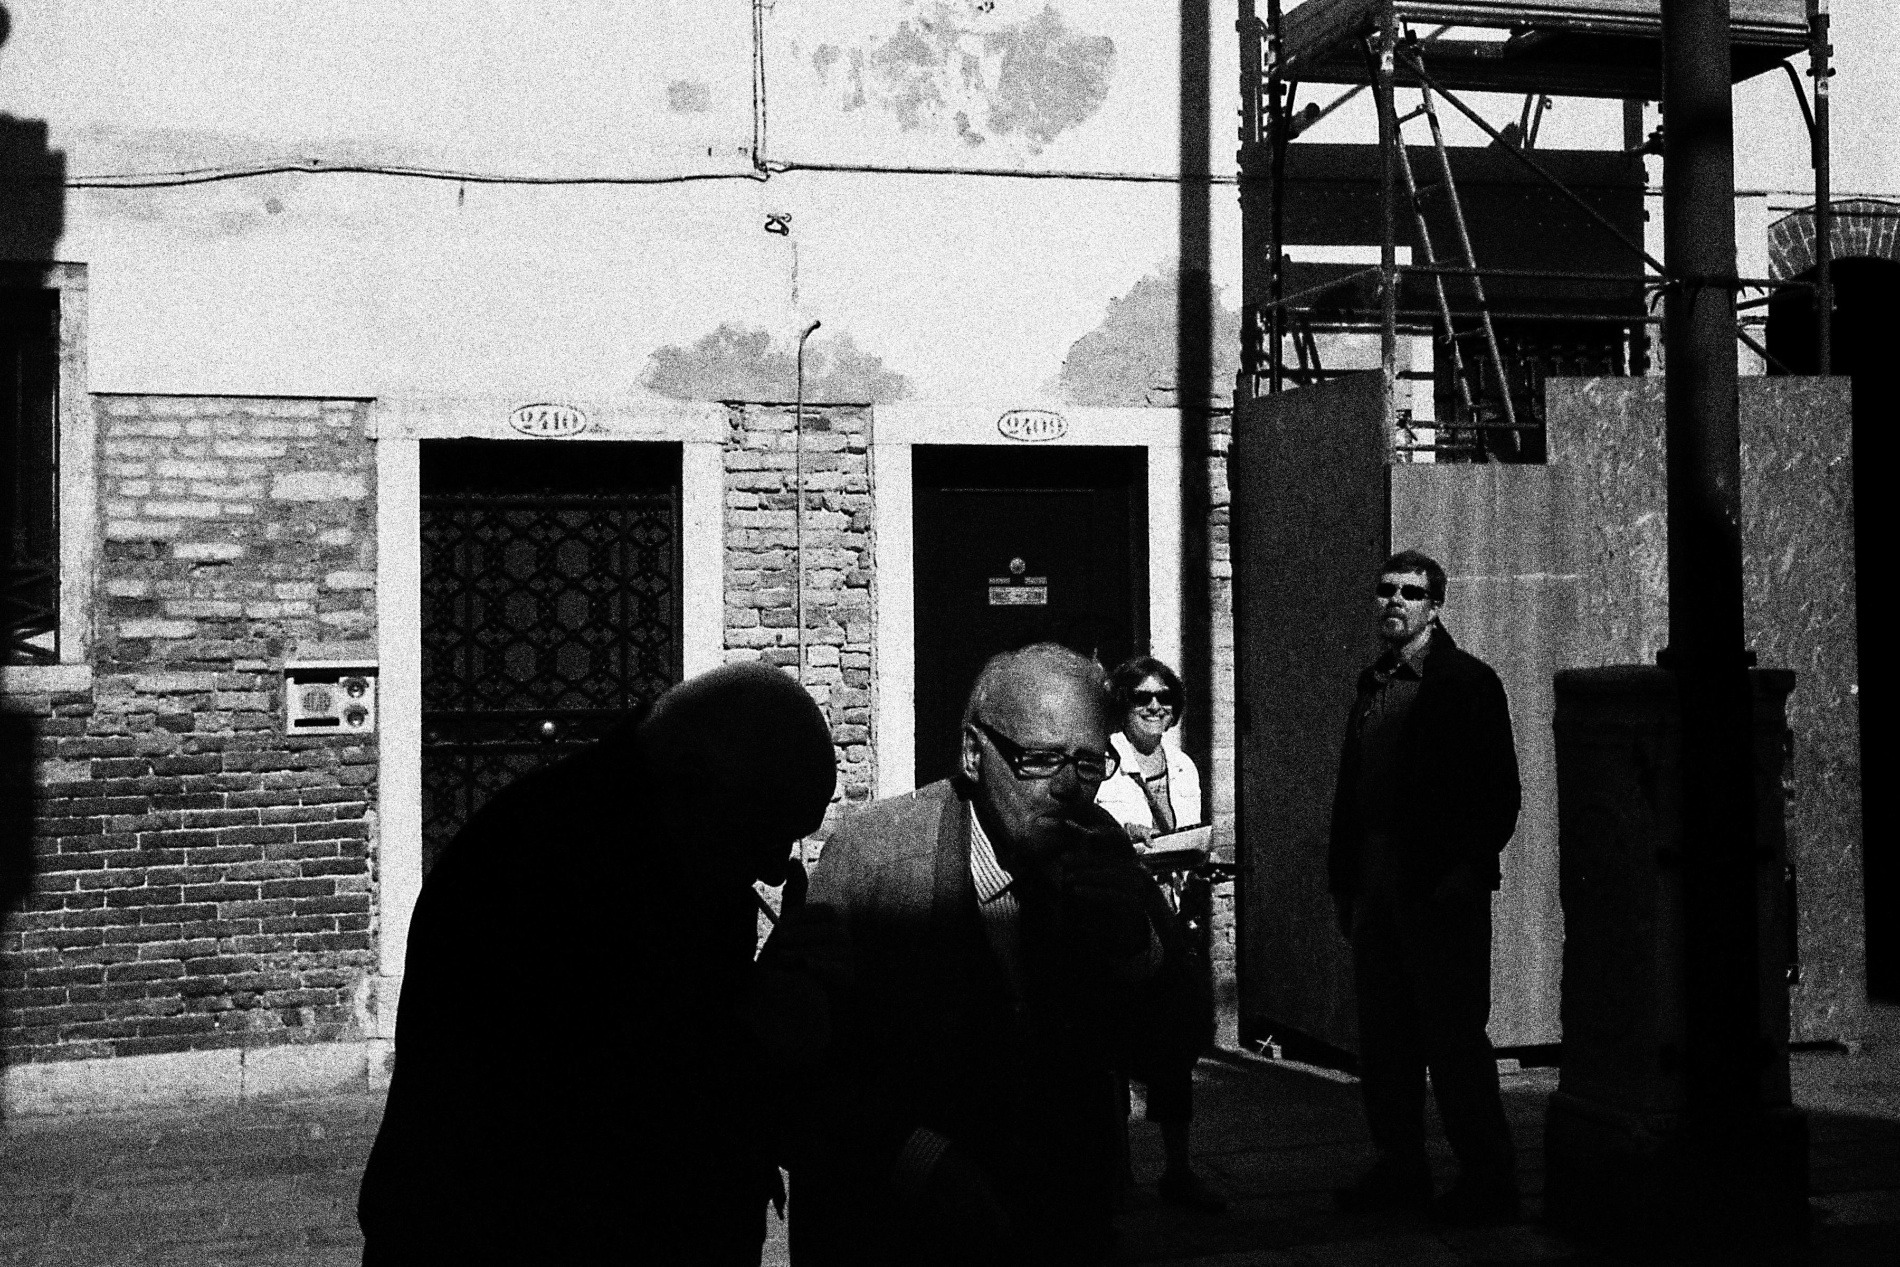 2013-05-22 at 12-14-09, street film venice.jpg